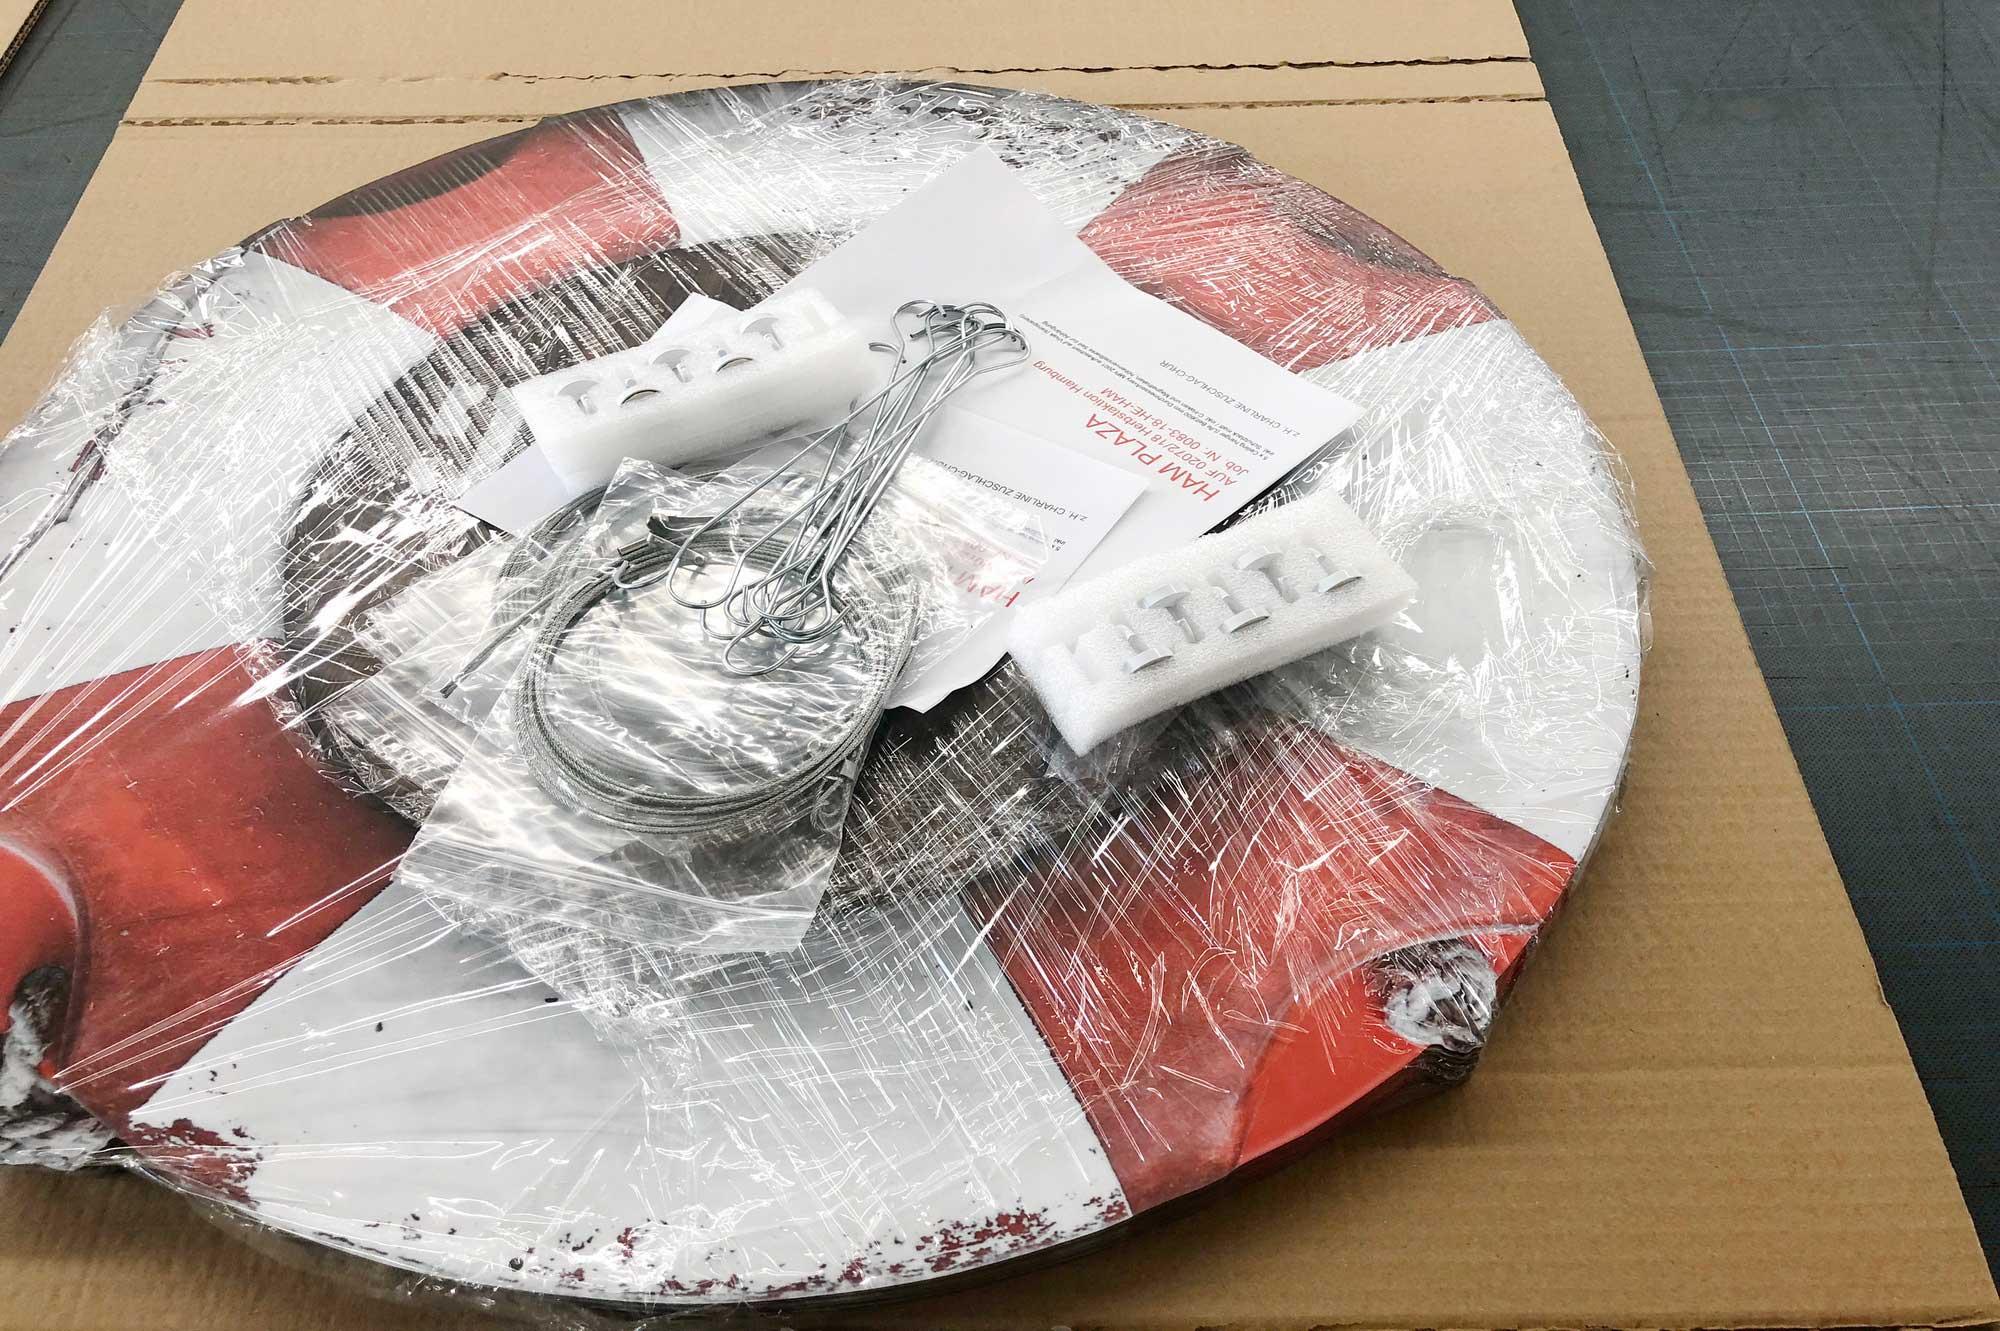 Deckenhänger mit Zubehör. bereit für die Verpackung © Atelier Haase - Foto: Katharina Hansen-Gluschitz